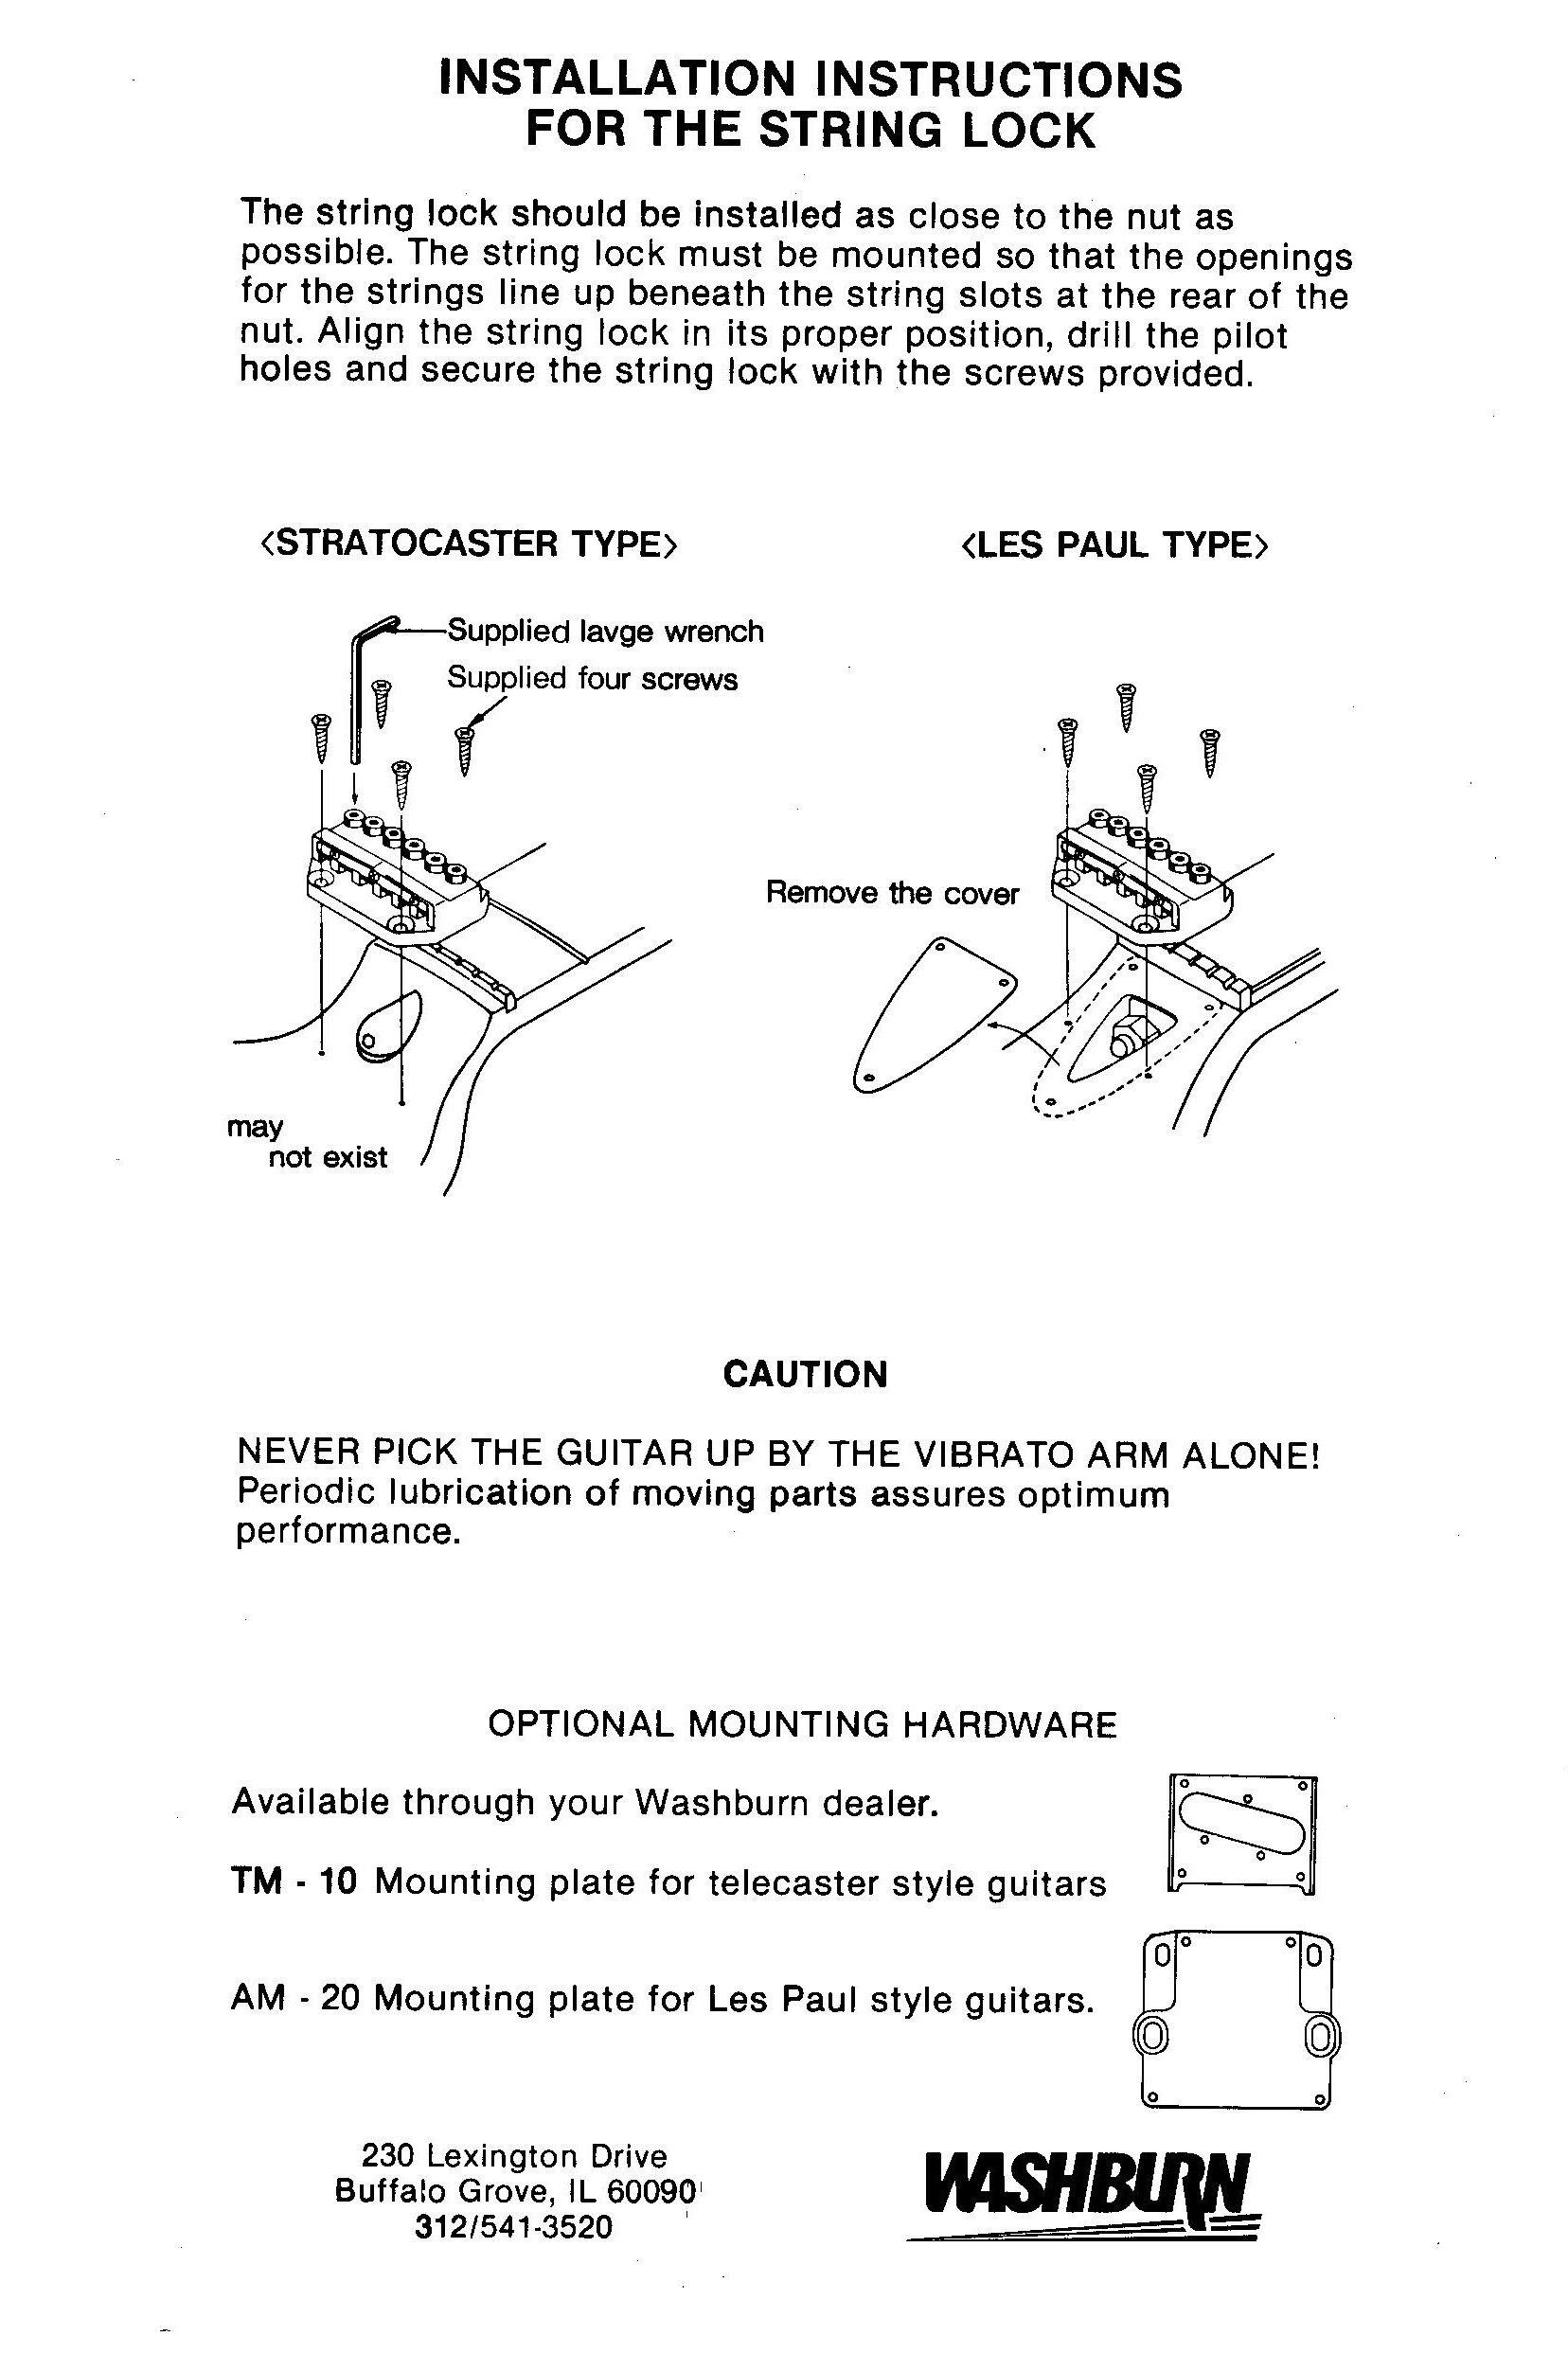 washburn wonderbar install instructions page 3 inspiration guitar vintage art. Black Bedroom Furniture Sets. Home Design Ideas